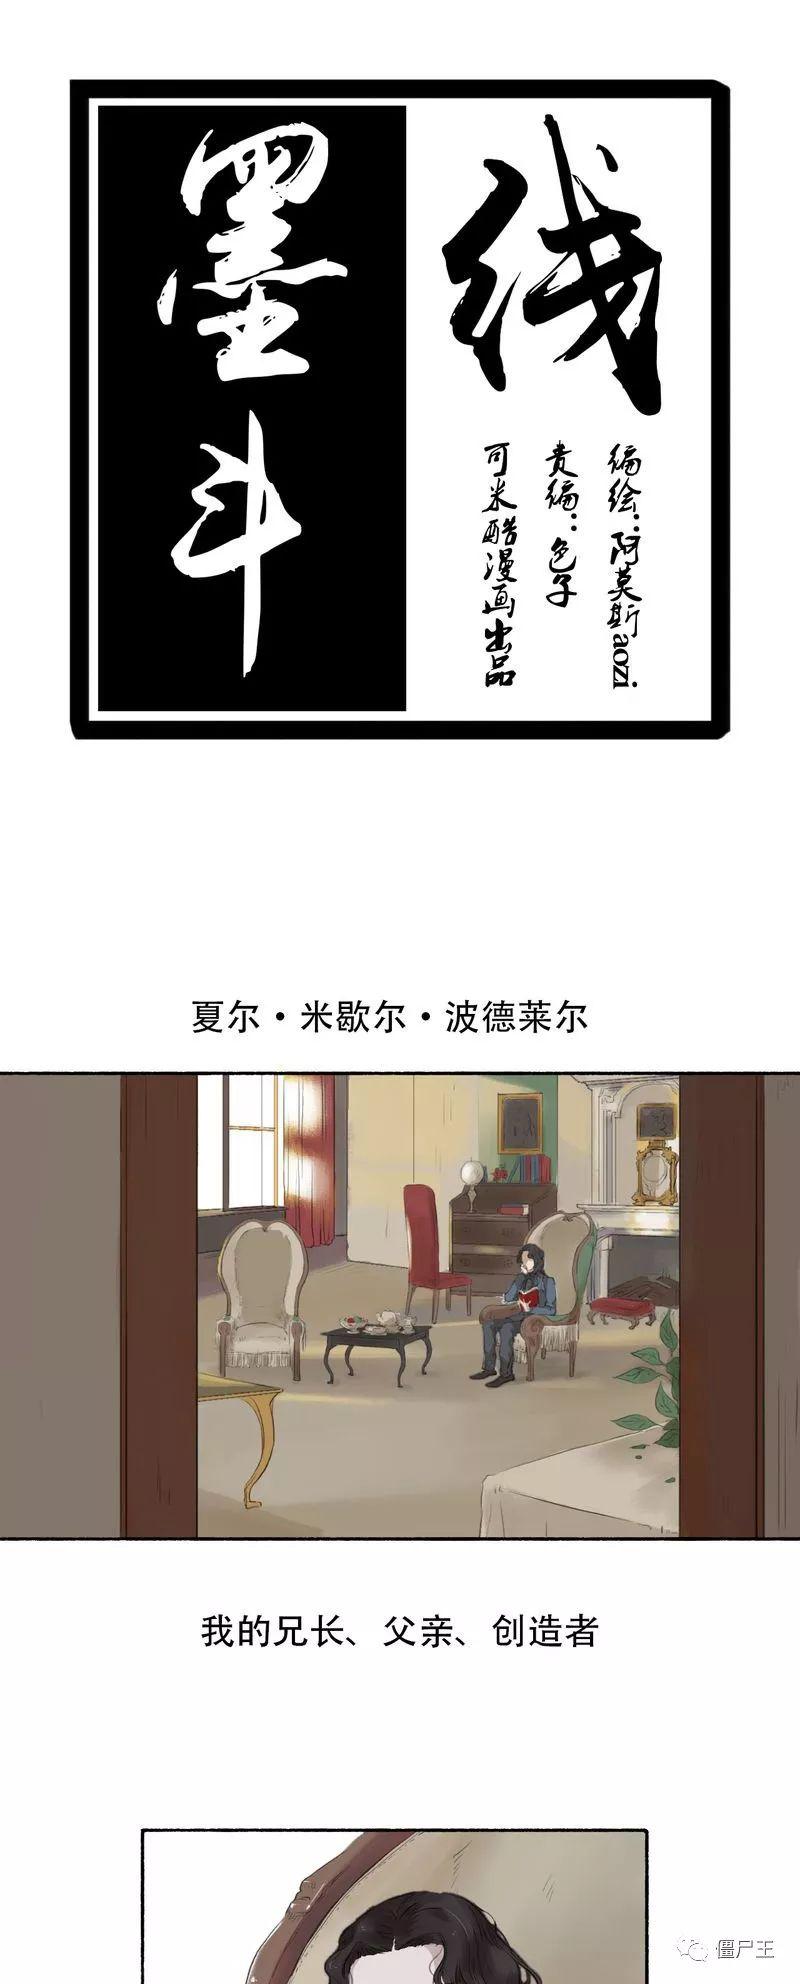 僵尸王漫画:《墨斗线》31~35话